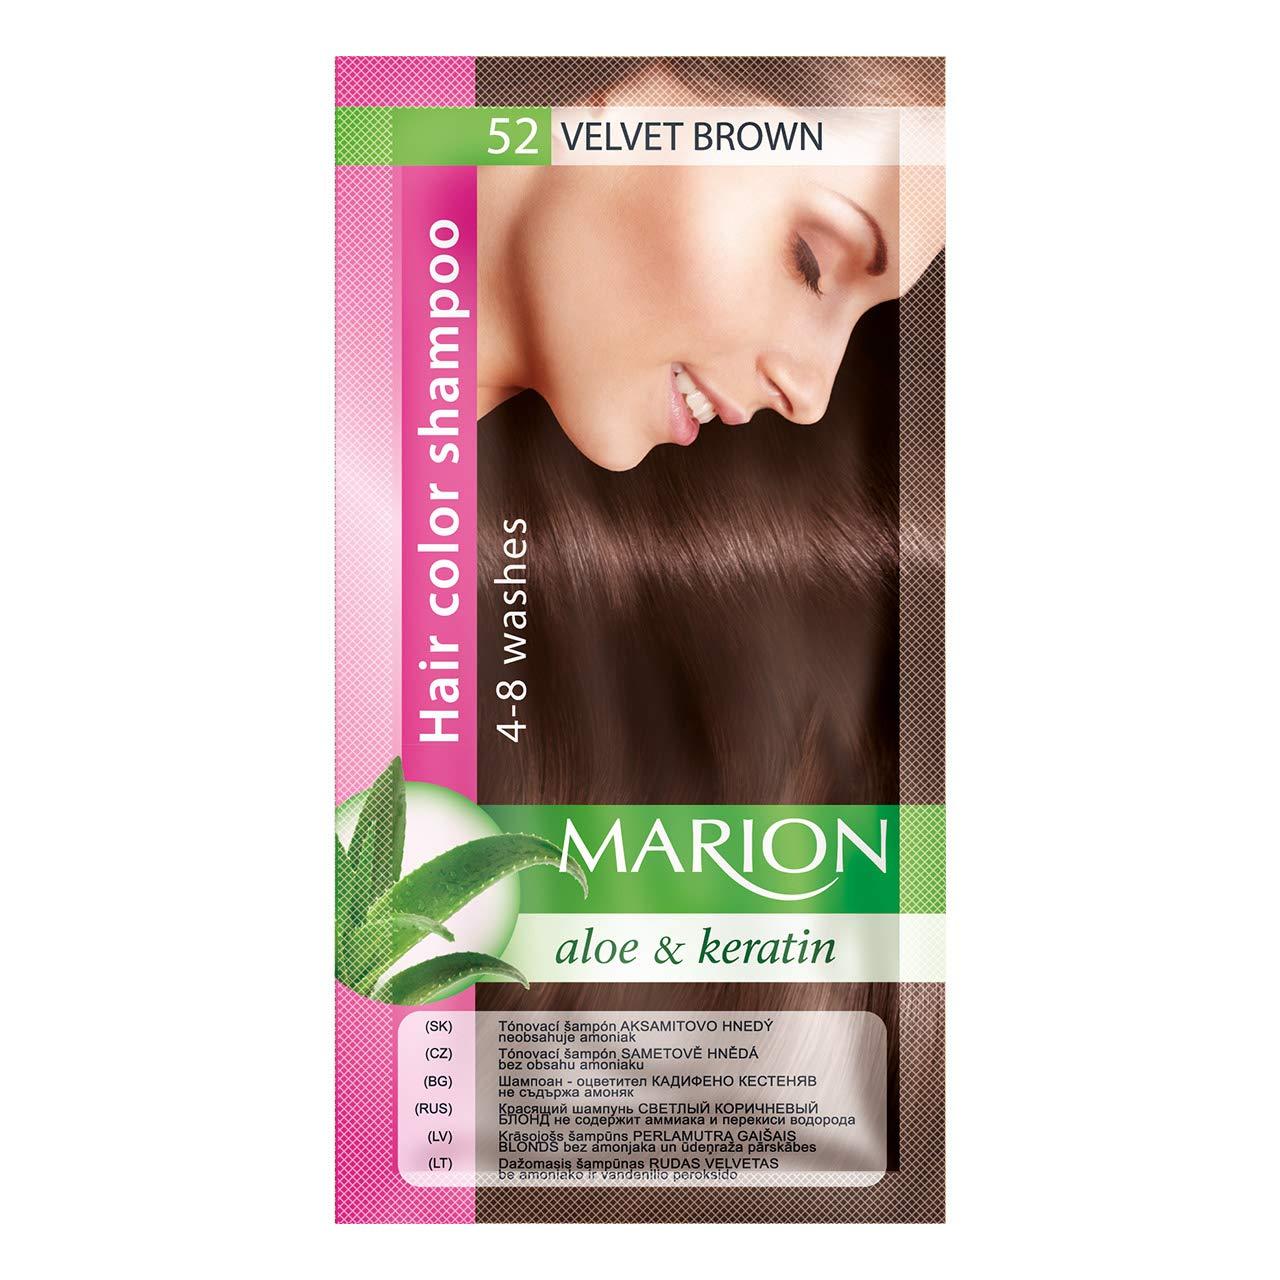 Marion Hair Color Shampoo in Sachet Lasting 4-8 Washes - 52 - Velvet Brown